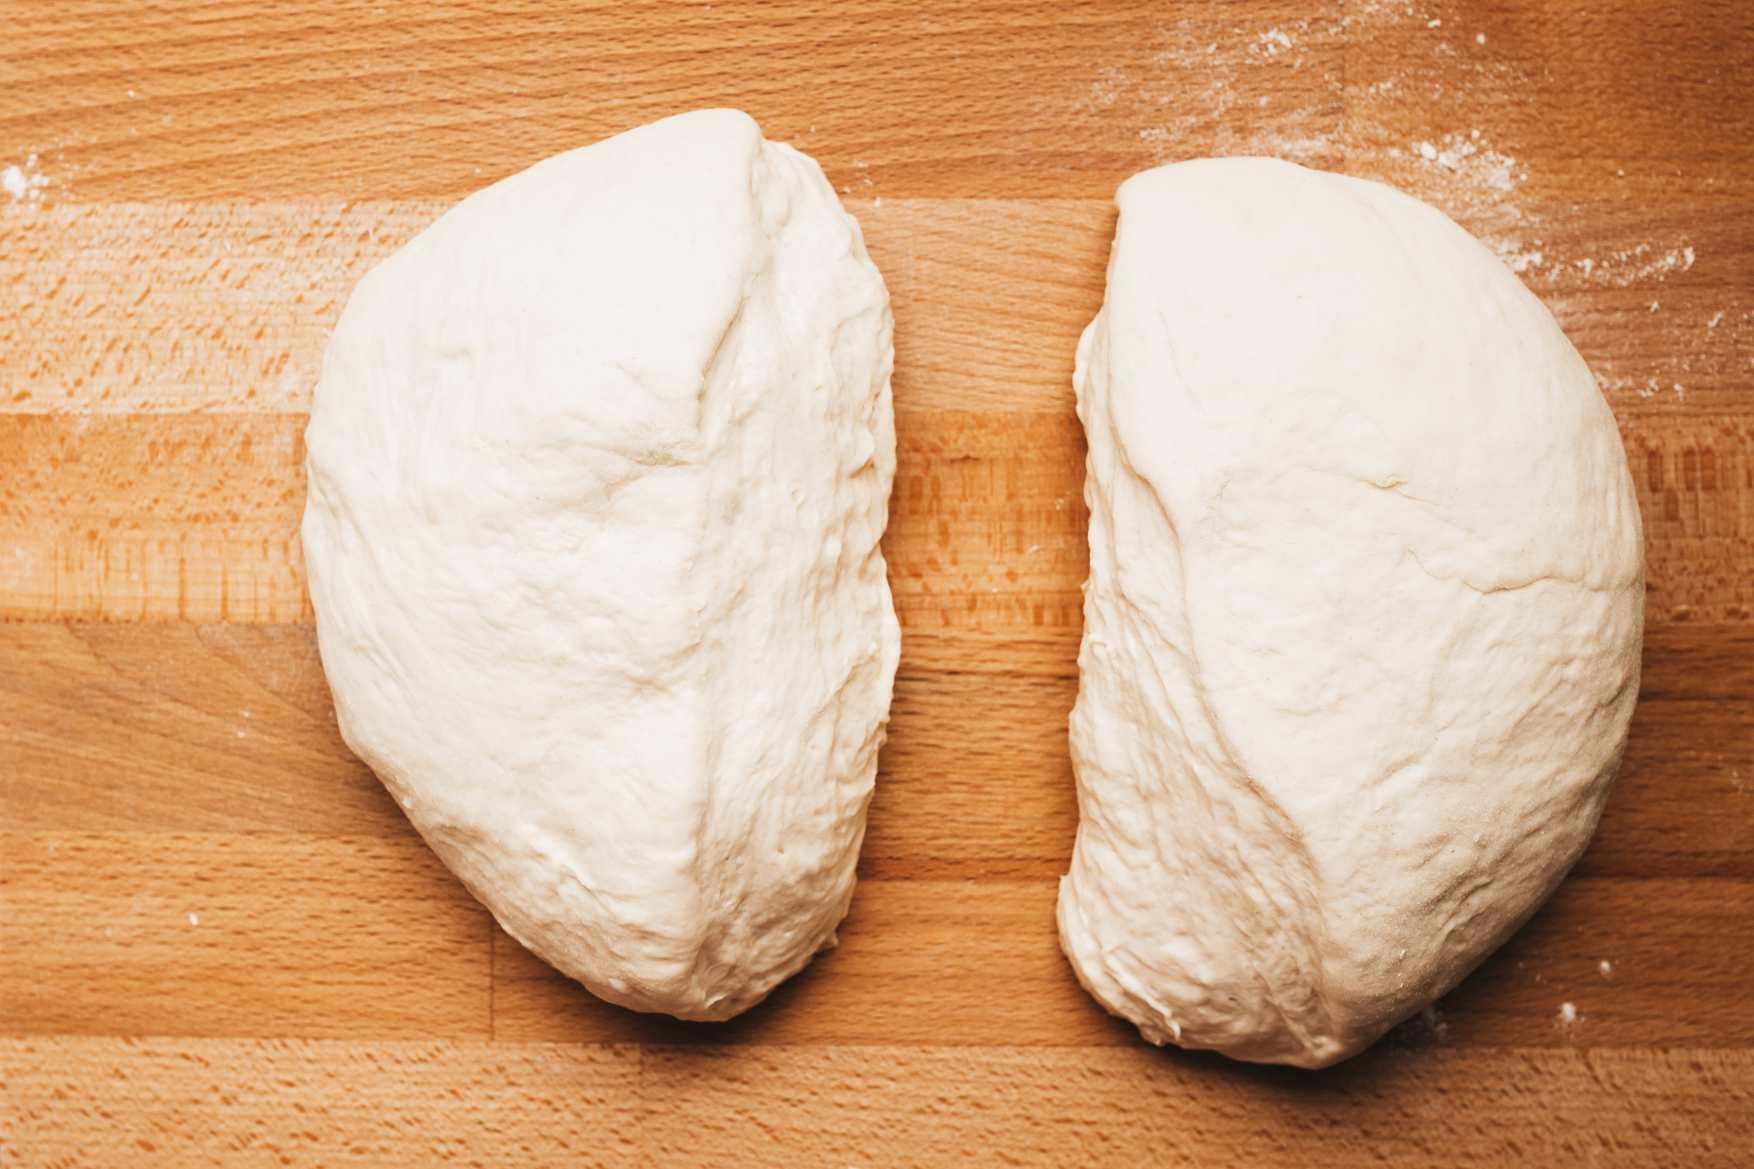 Divide dough into equal halves